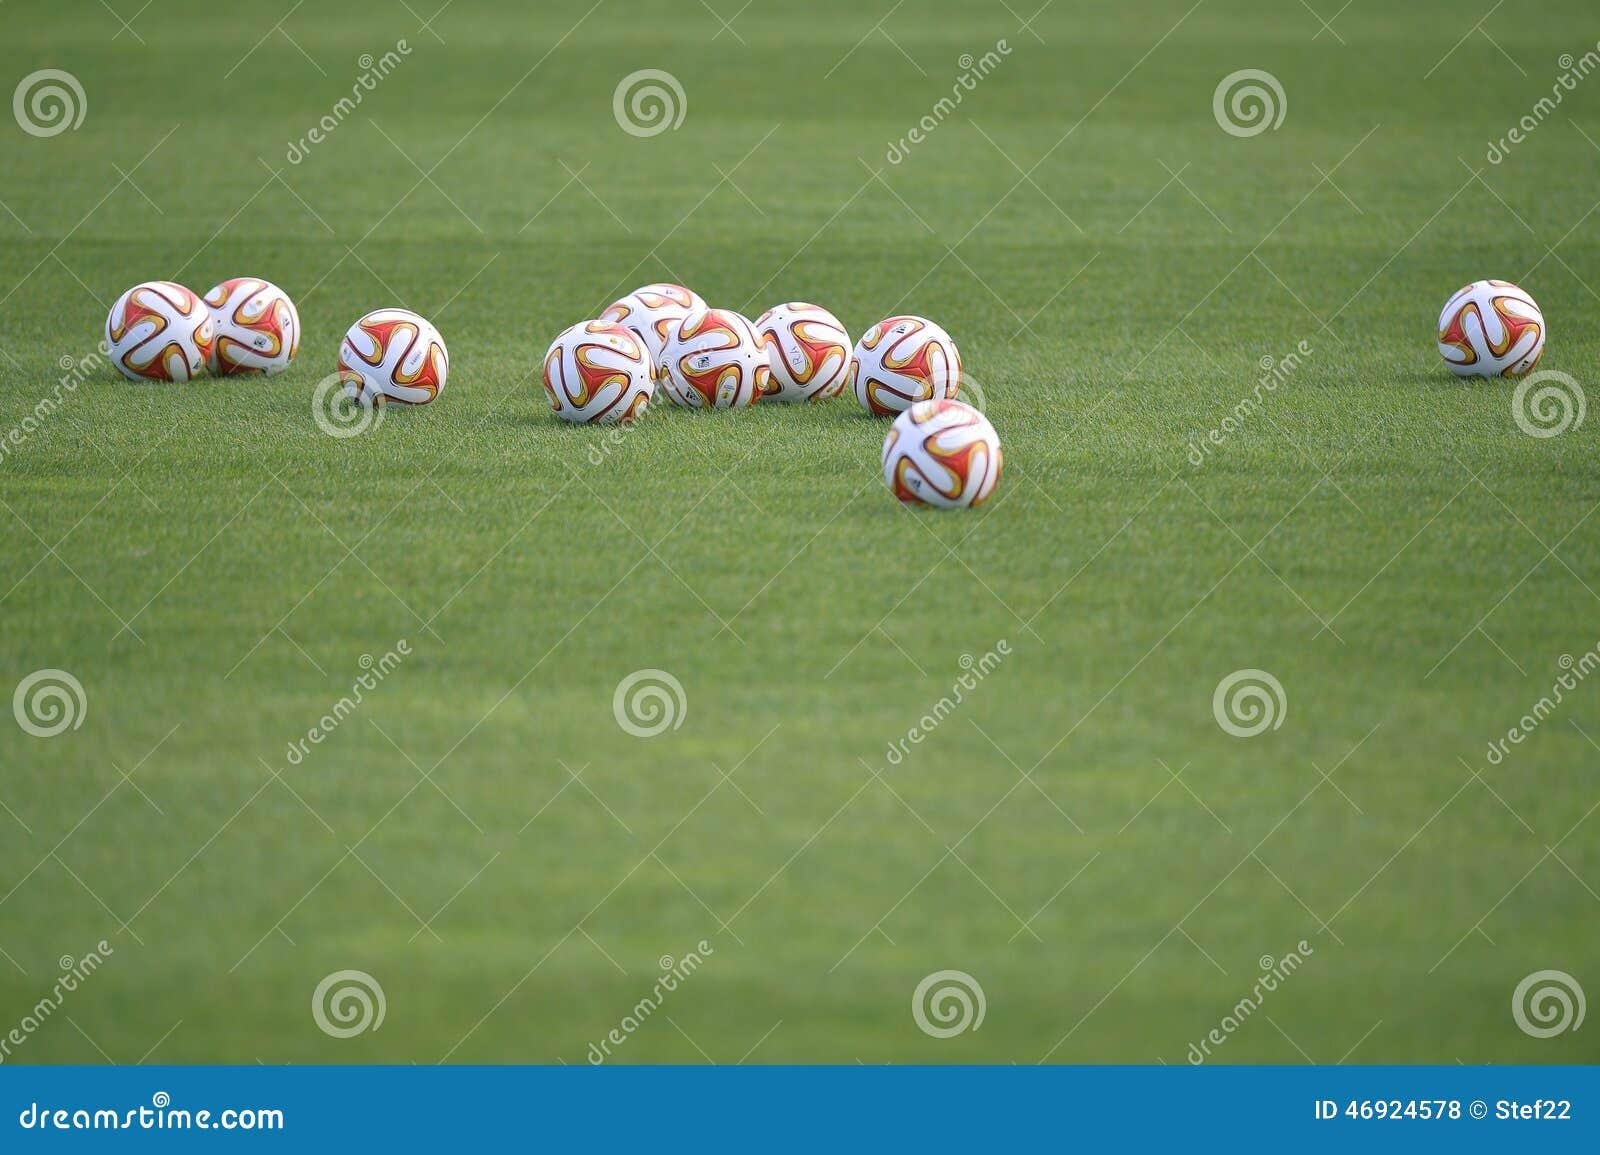 Europa League official balls